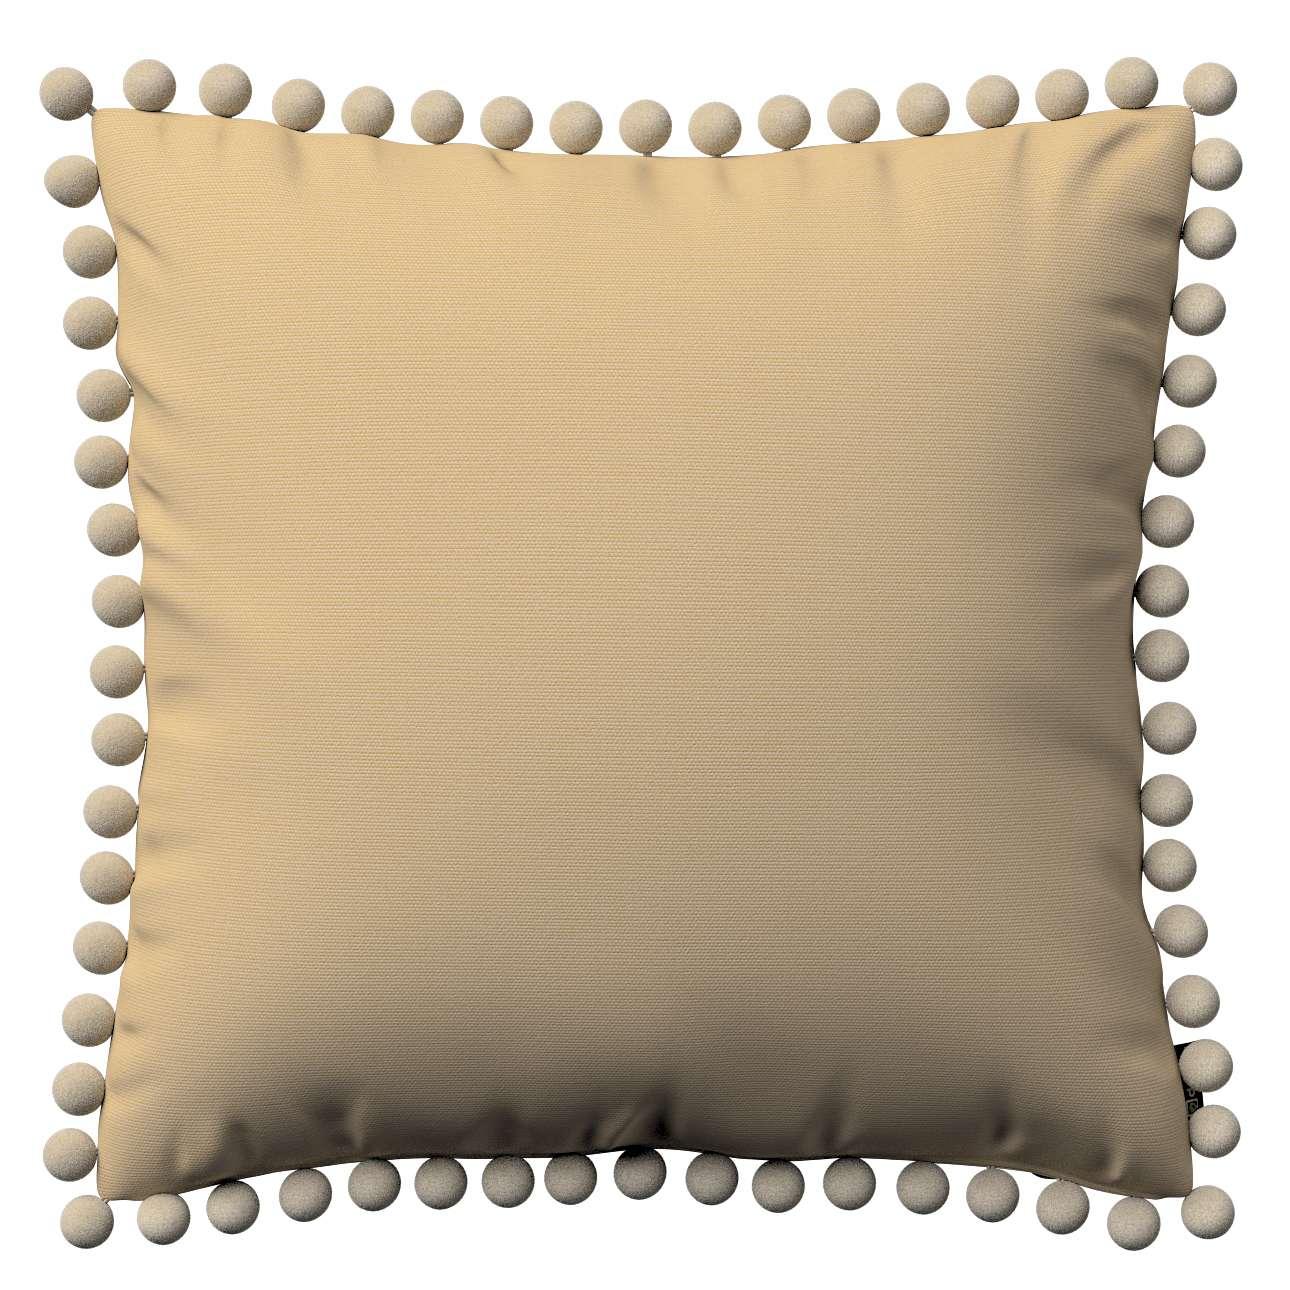 Wera dekoratyvinės pagalvėlės su žaismingais kraštais 45 x 45 cm kolekcijoje Cotton Panama, audinys: 702-01